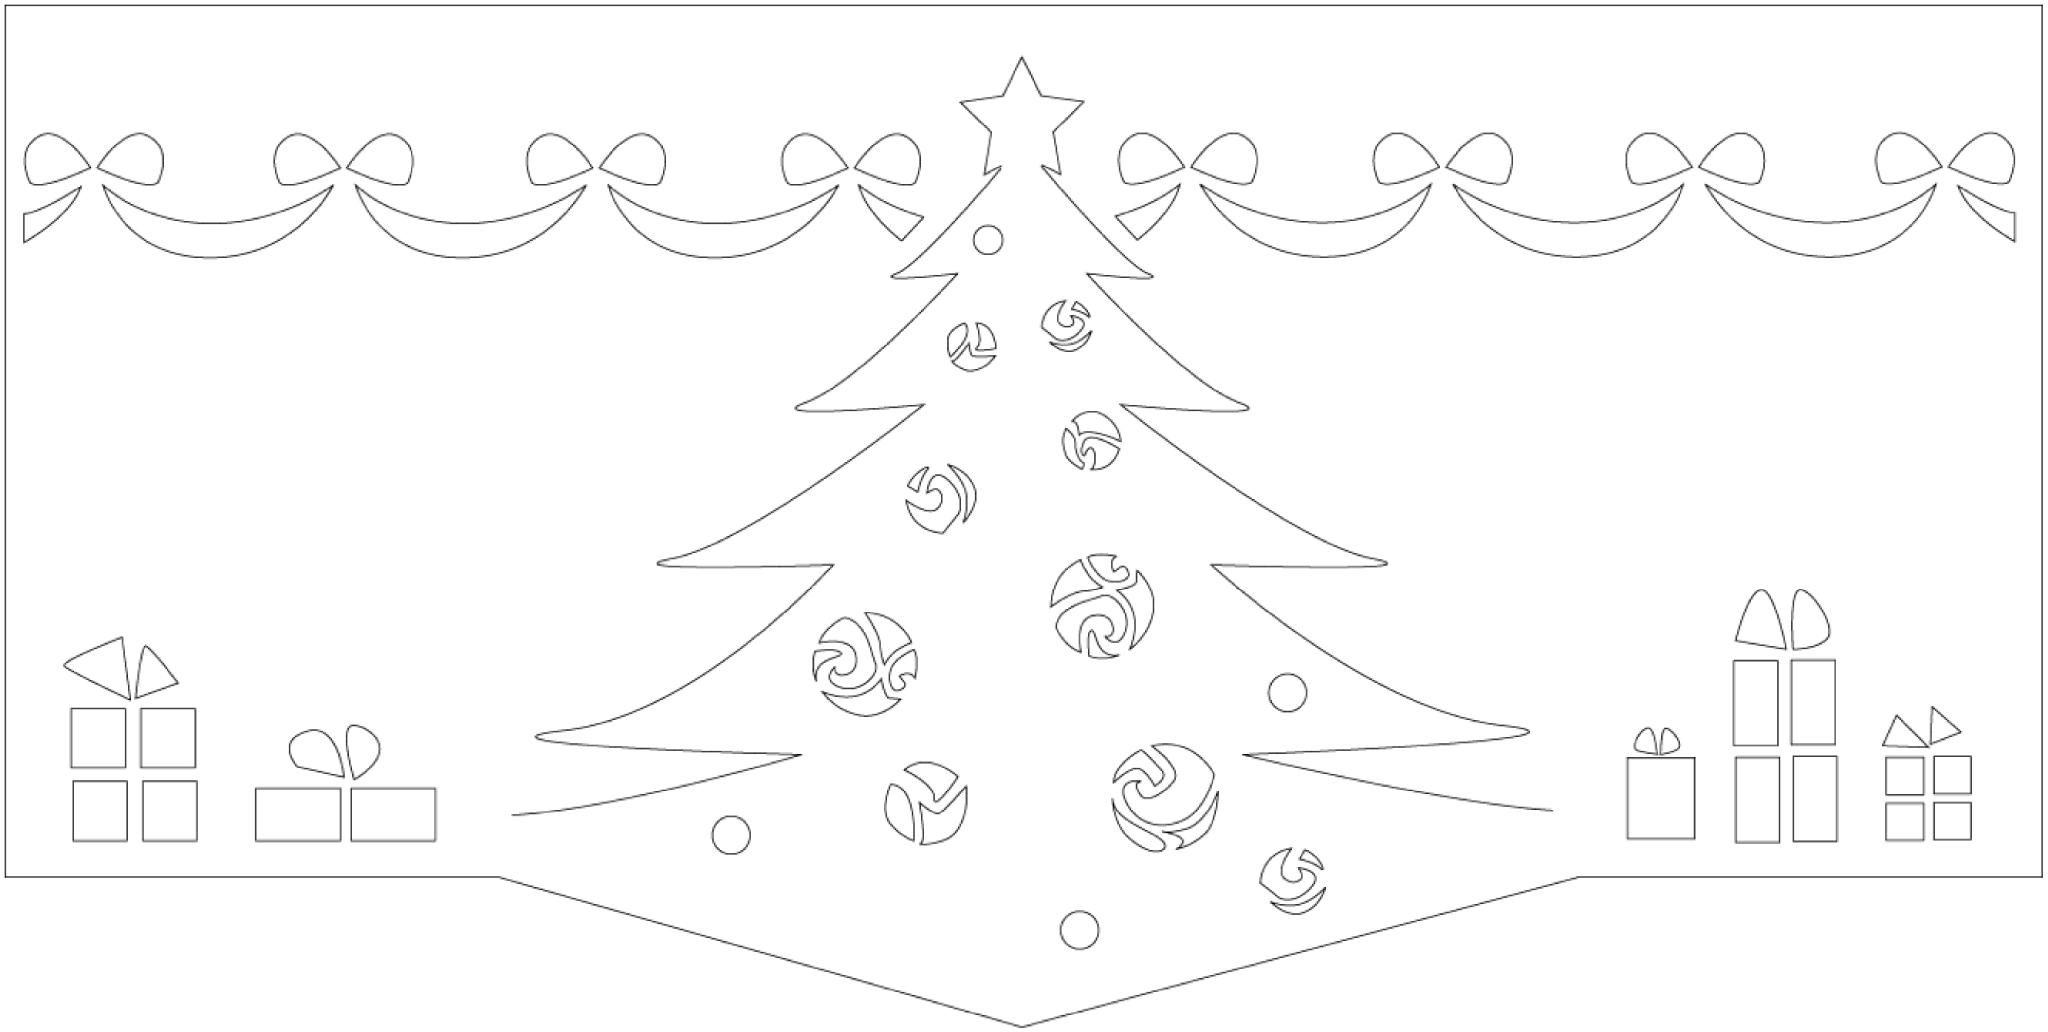 Des Cartes De Vœux Pop-Up Pour Noël - Journal D'une Fouineuse destiné Gabarit Sapin De Noel